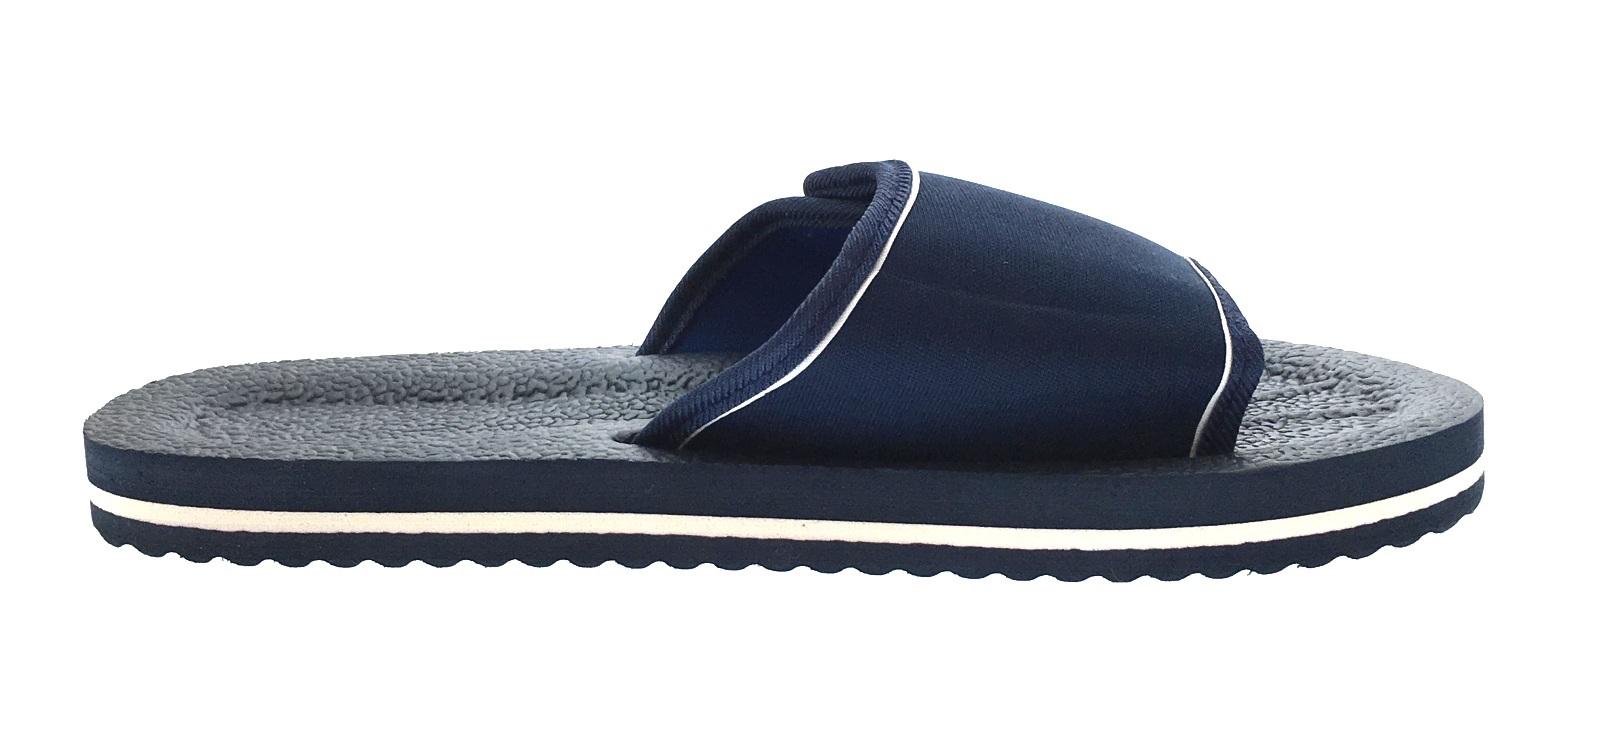 a7feab13182 Mens Lightweight Sandals Adjustable Beach Flip Flops Summer Shoes ...